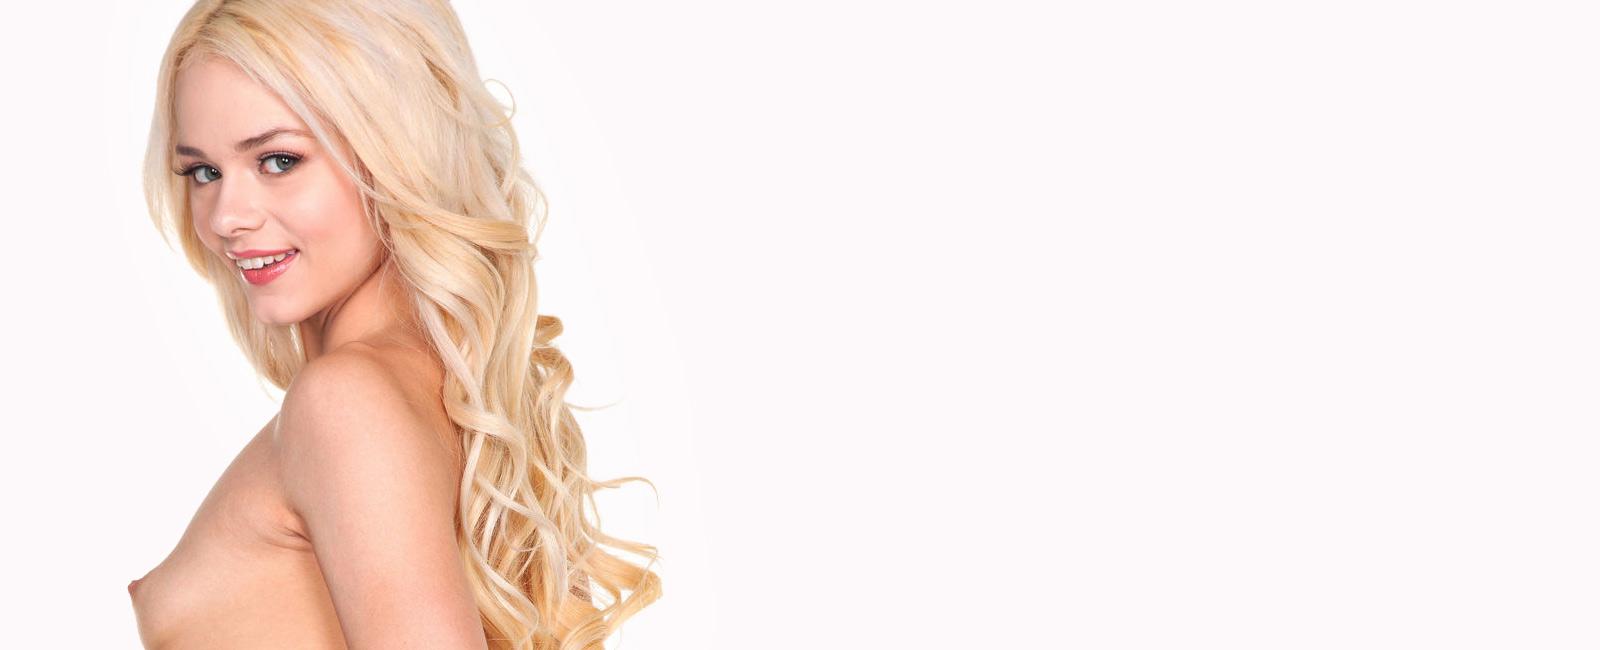 Elsa Jean Background Image